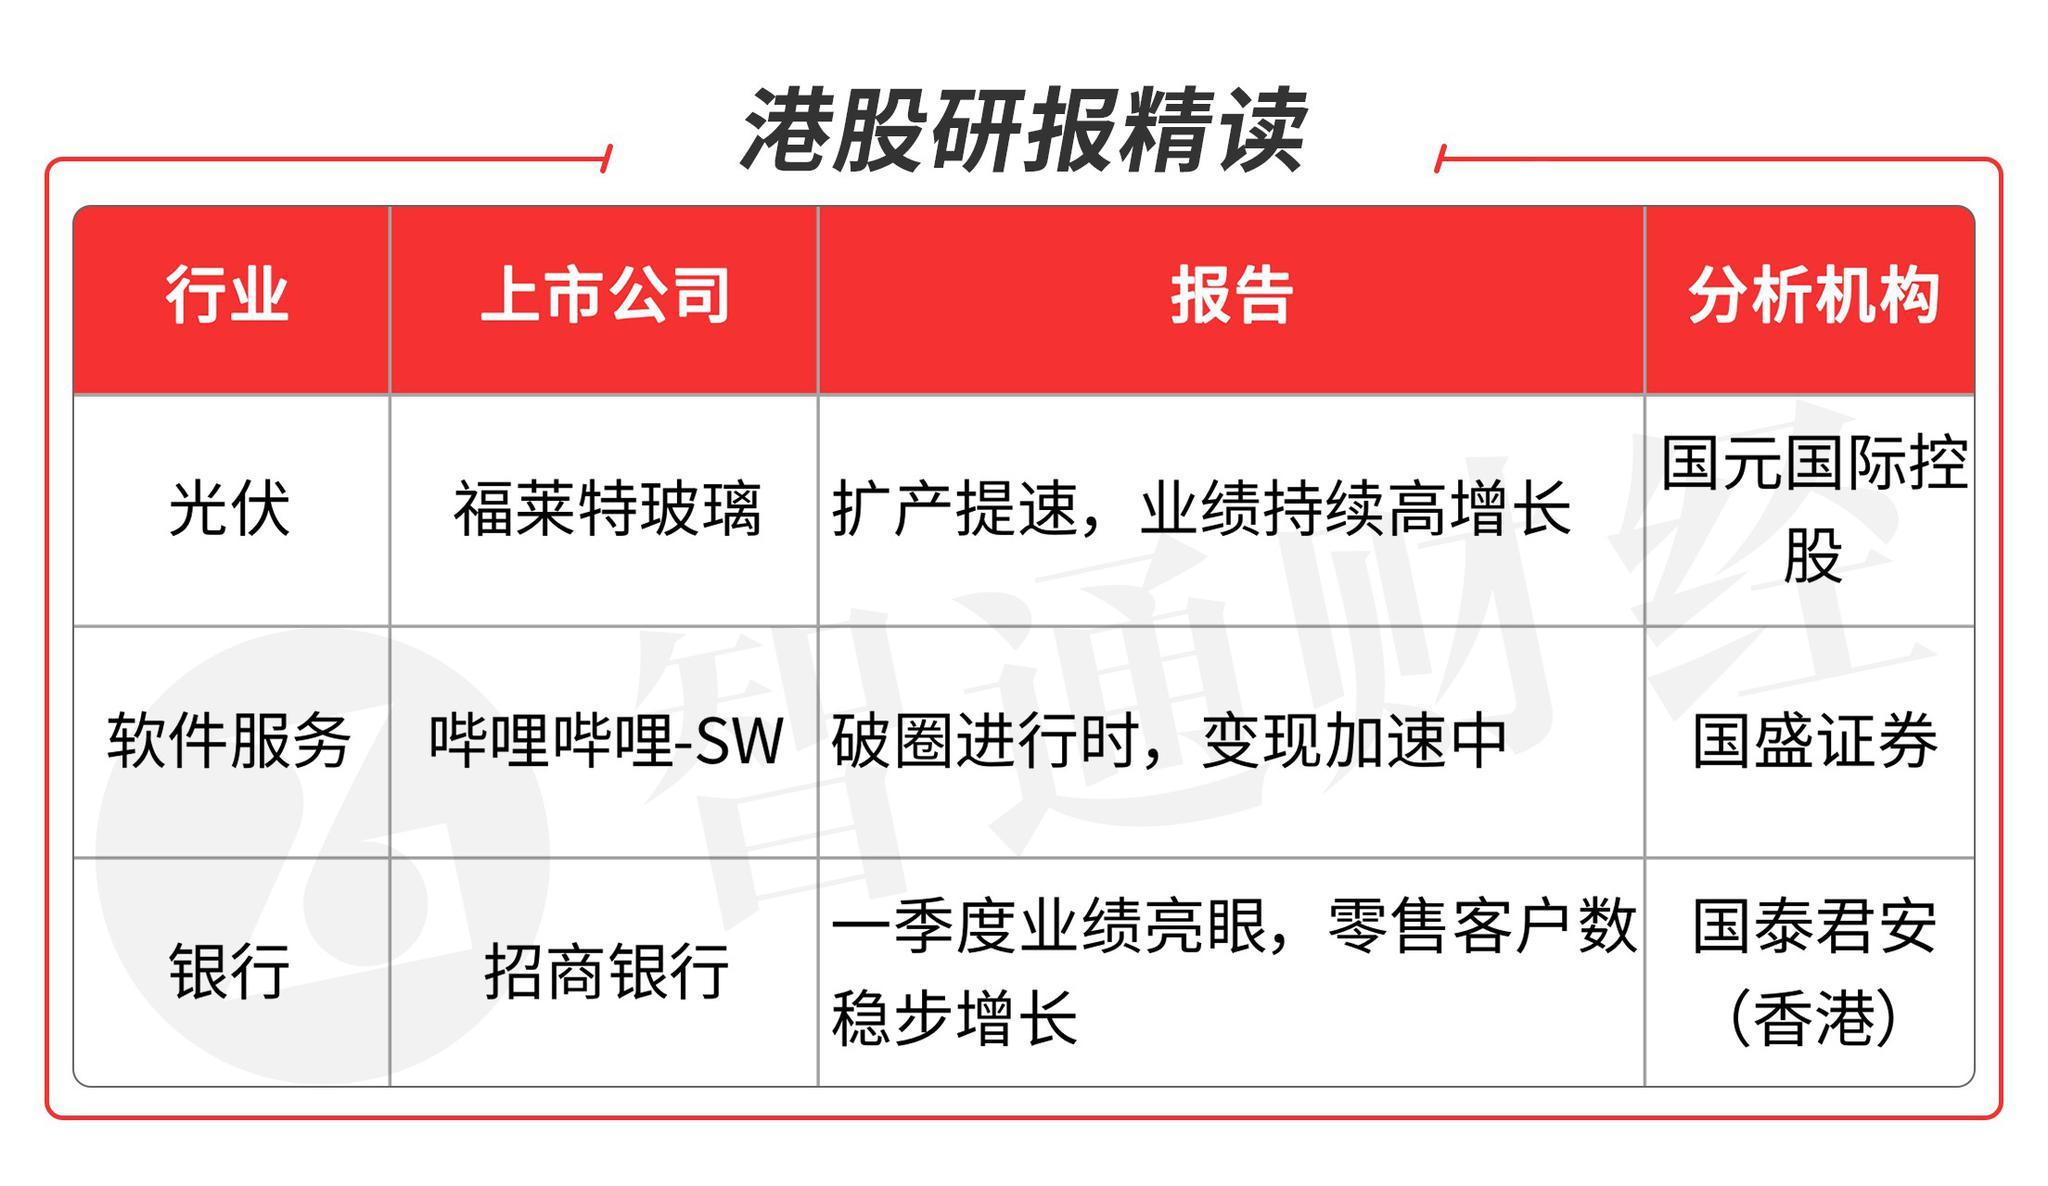 智通港股研报精读(05.17)   重点关注光伏业龙头公司、软件服务业板块和银行板块龙头